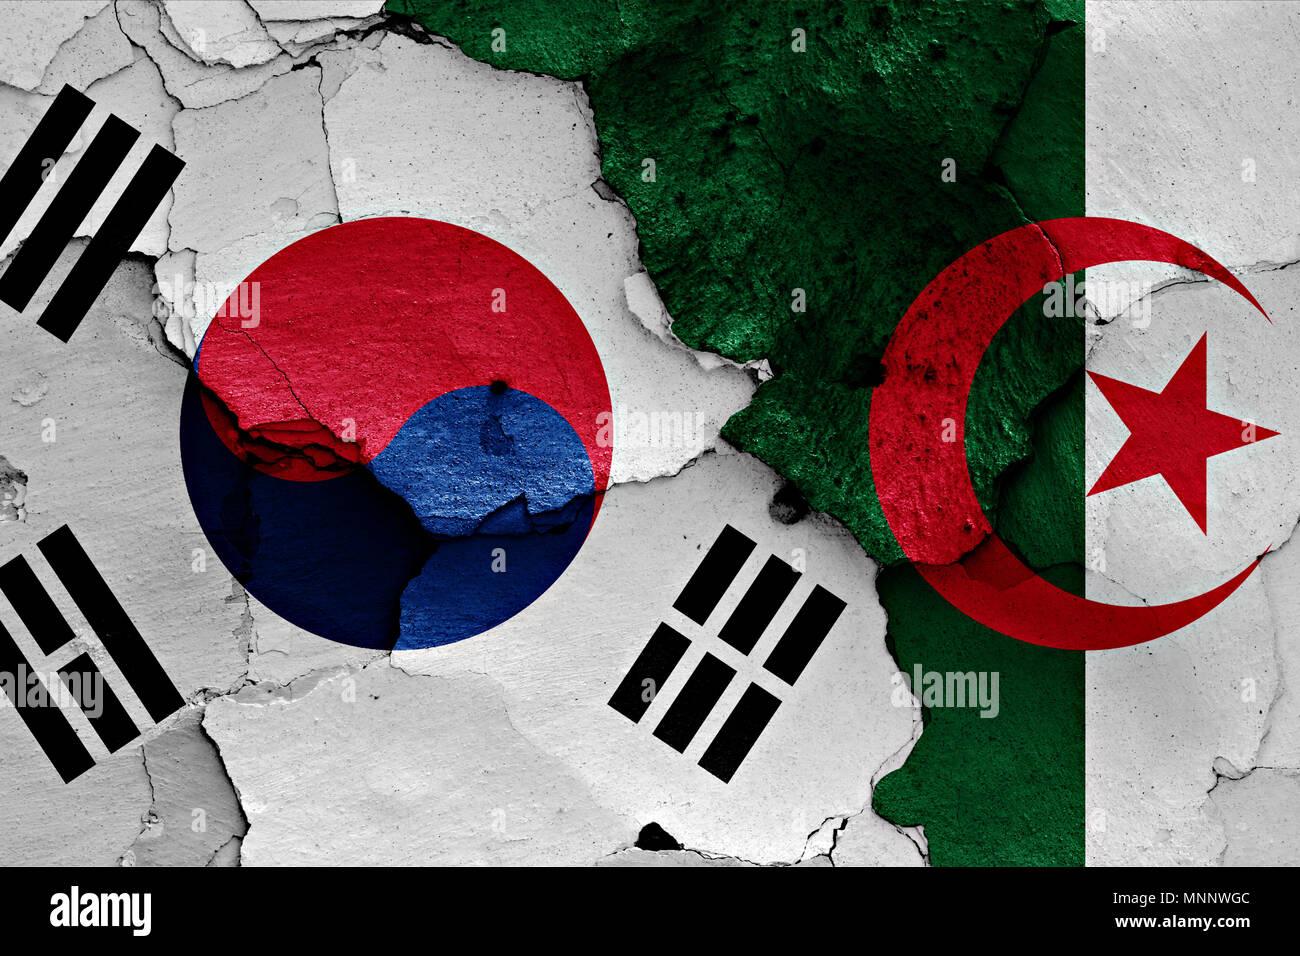 Banderas de Corea del Sur y Argelia pintados en la pared agrietada Imagen De Stock